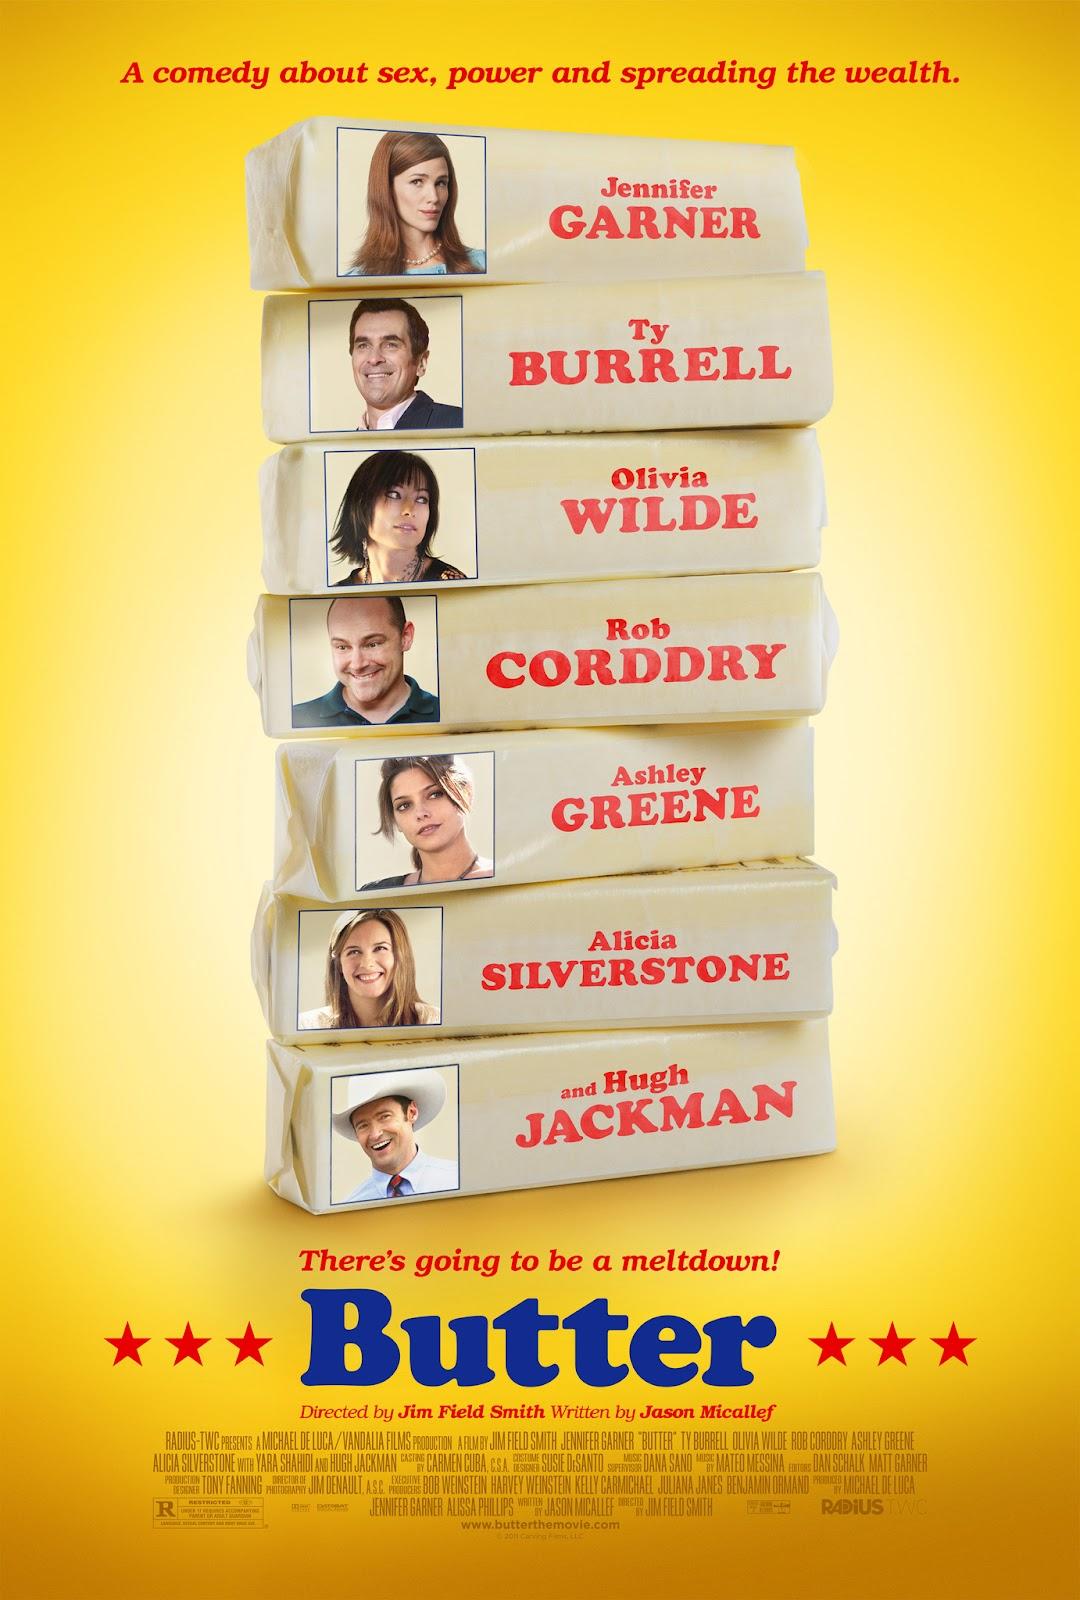 http://2.bp.blogspot.com/-qrPUEgxQKws/UGsQ40glOlI/AAAAAAAAZ6k/8AKhw9VmVR8/s1600/butter_2011_poster.jpg